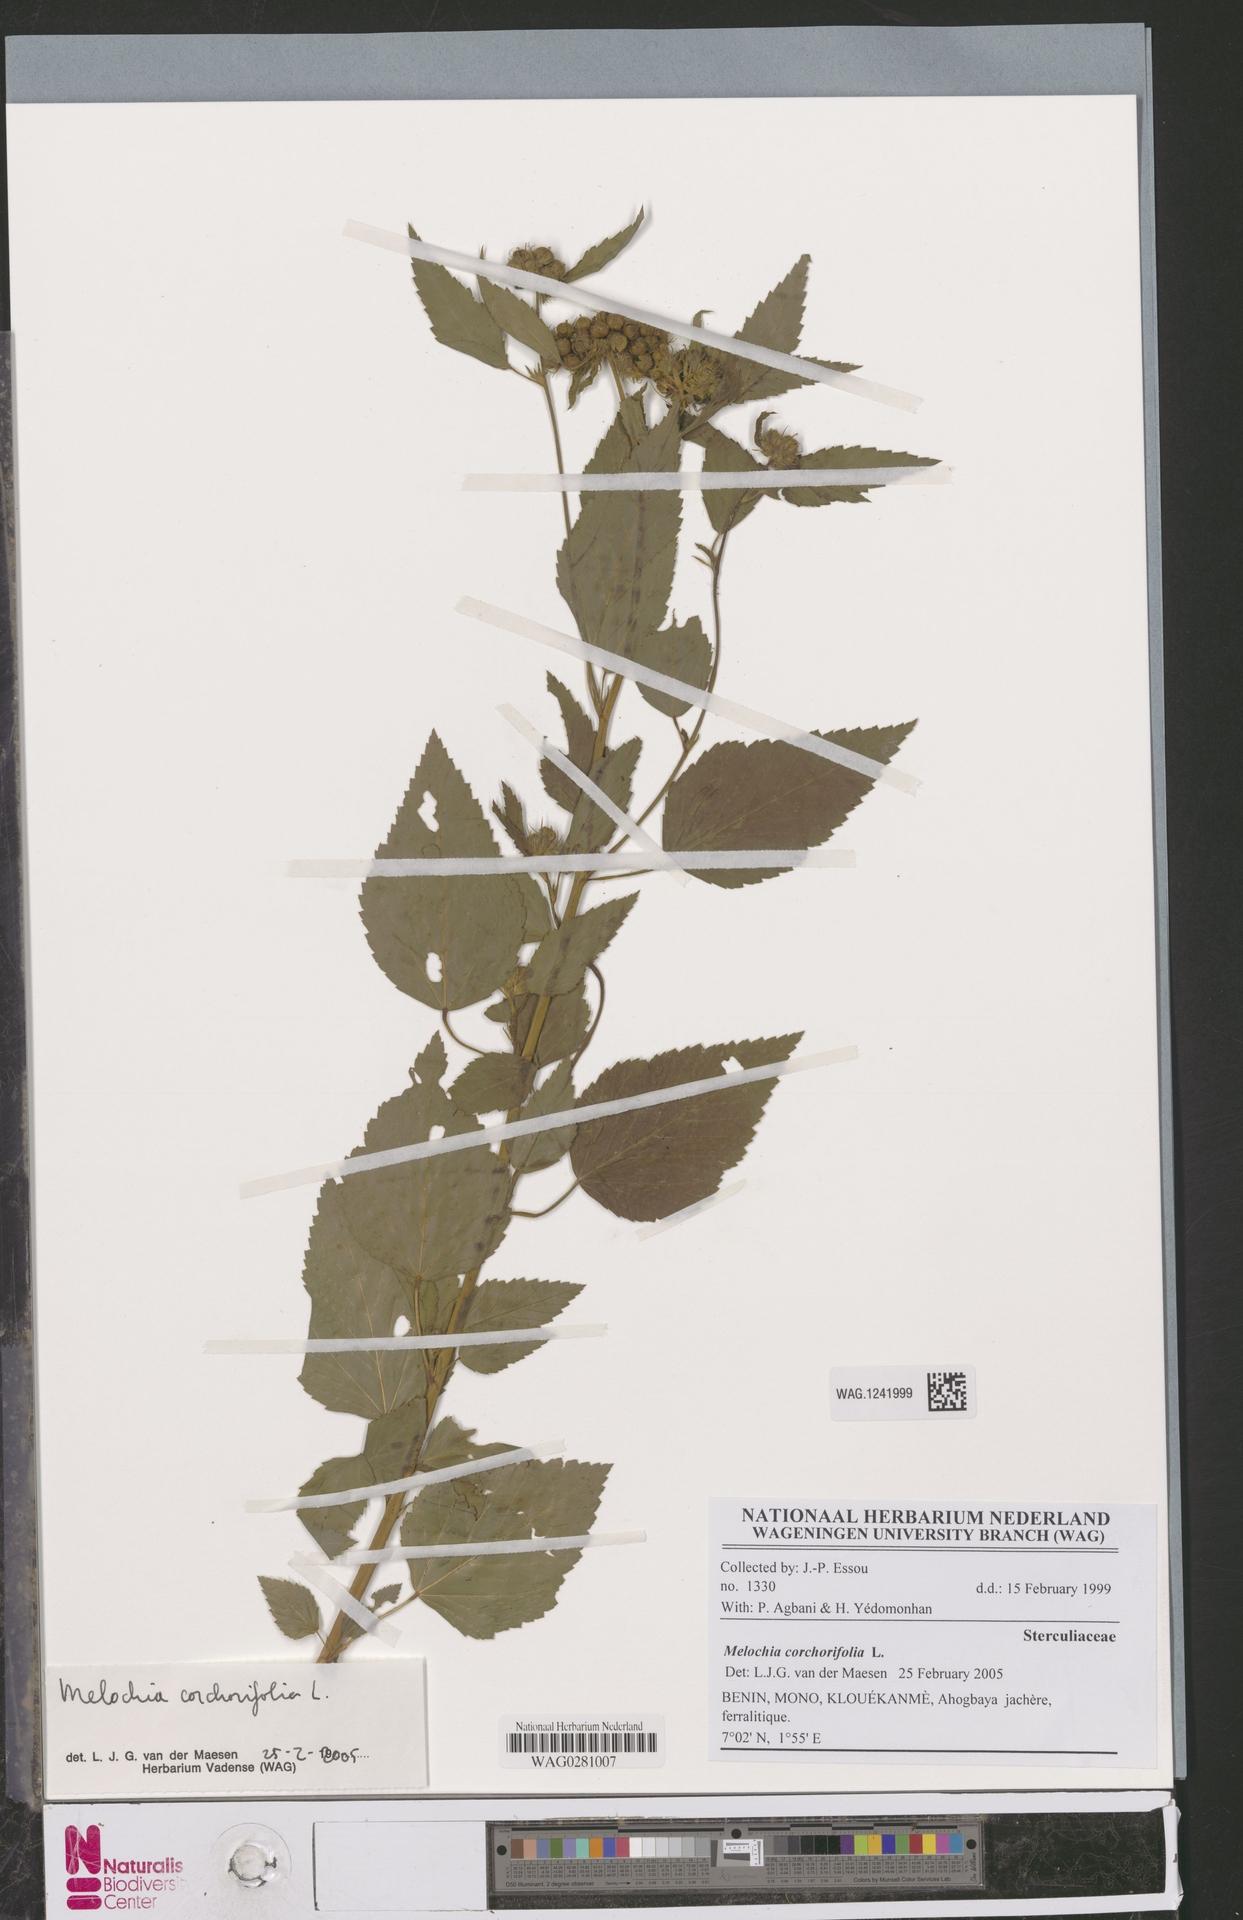 WAG.1241999 | Melochia corchorifolia L.